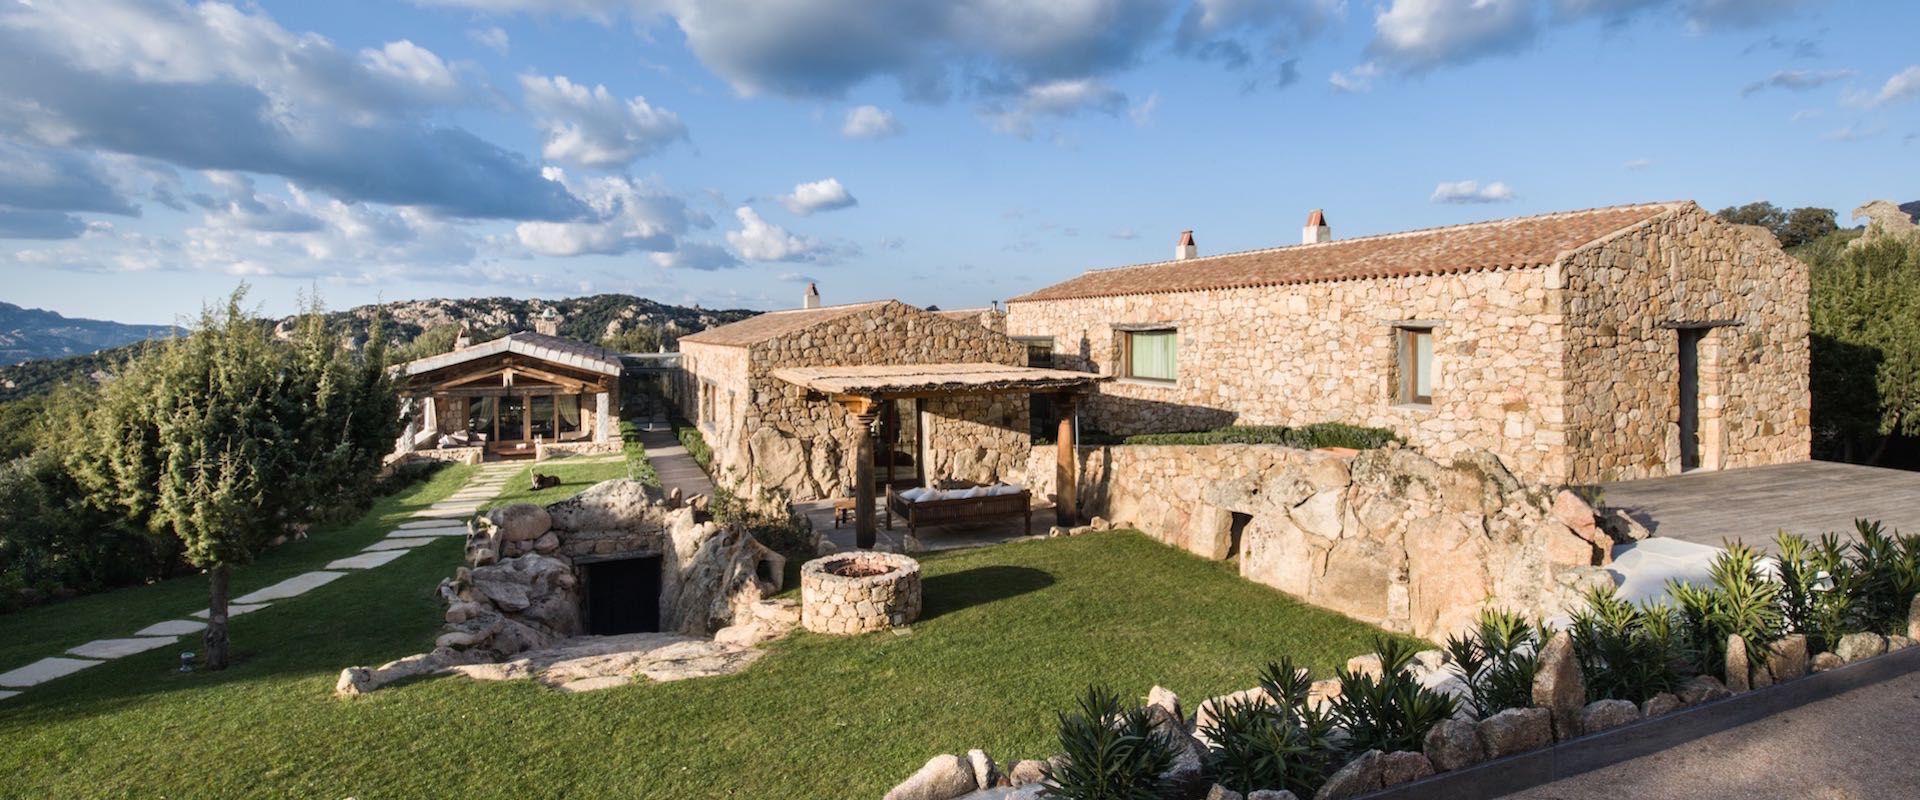 Агентство недвижимости италия аренда